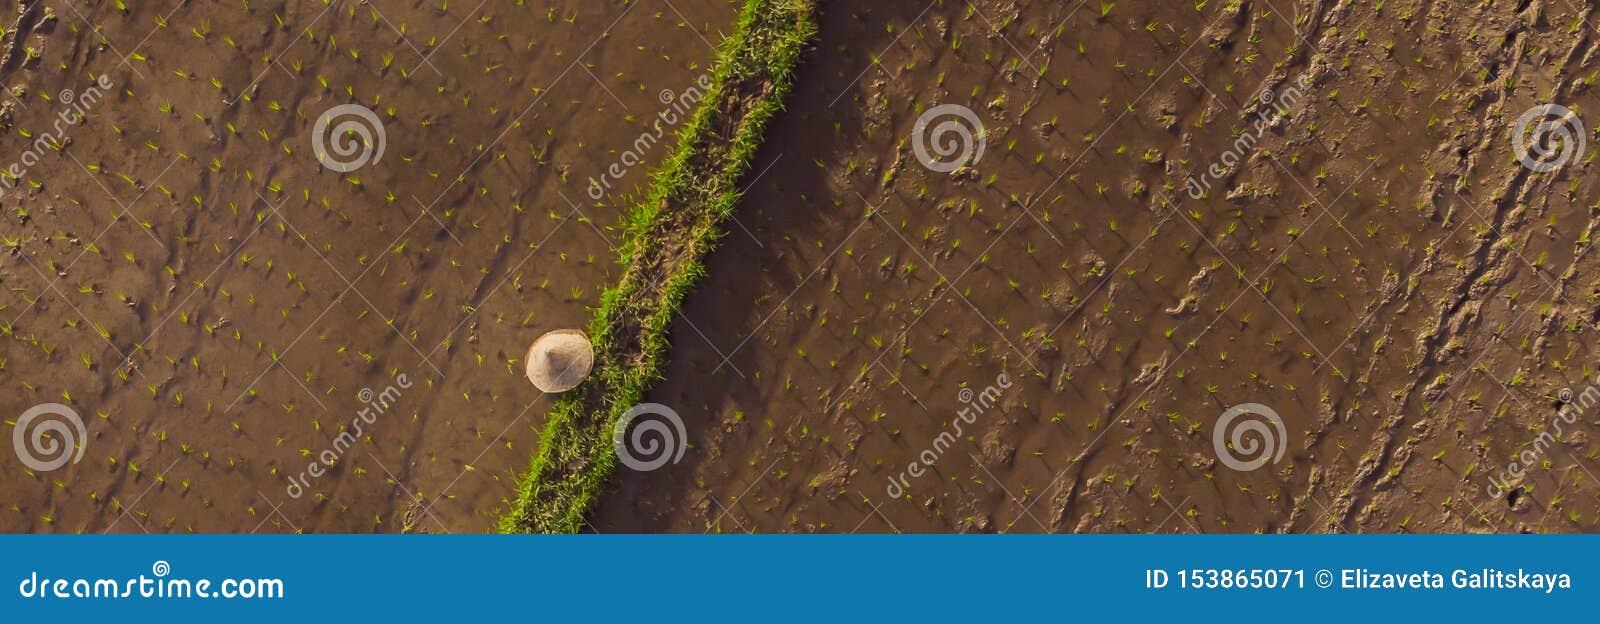 Tiro A Reo De La Terraza Del Arroz E Imagen De Archivo